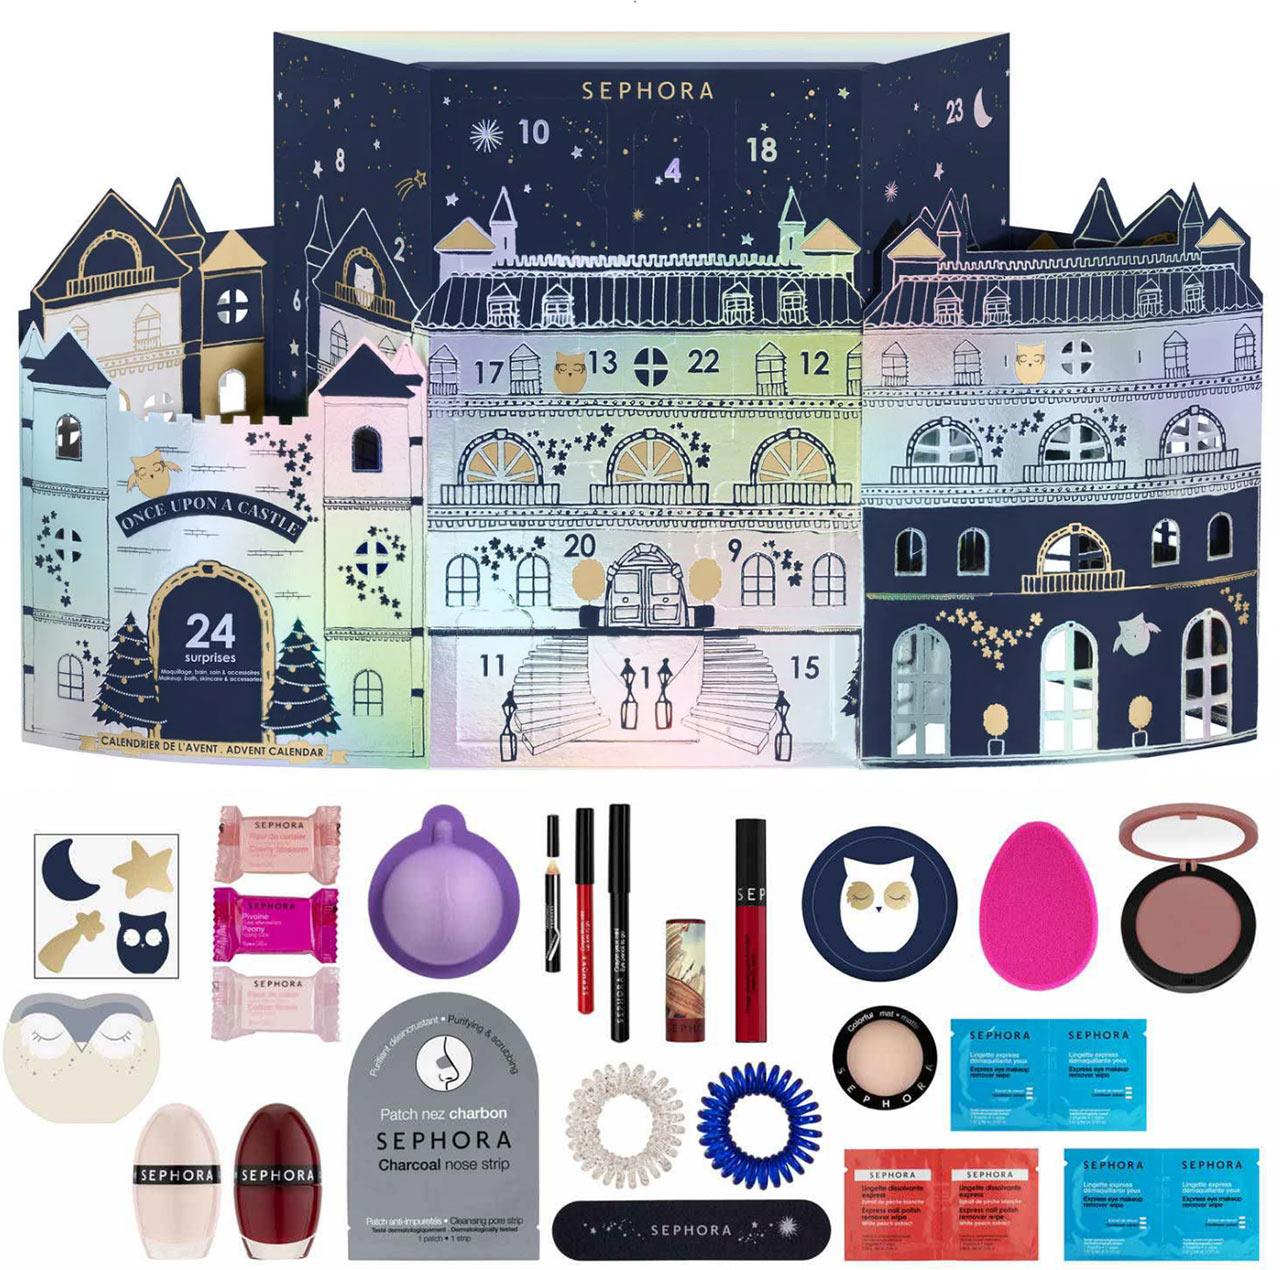 Calendrier de l'avent pour adulte 2018 Sephora, un calendrier plein de cadeaux beauté